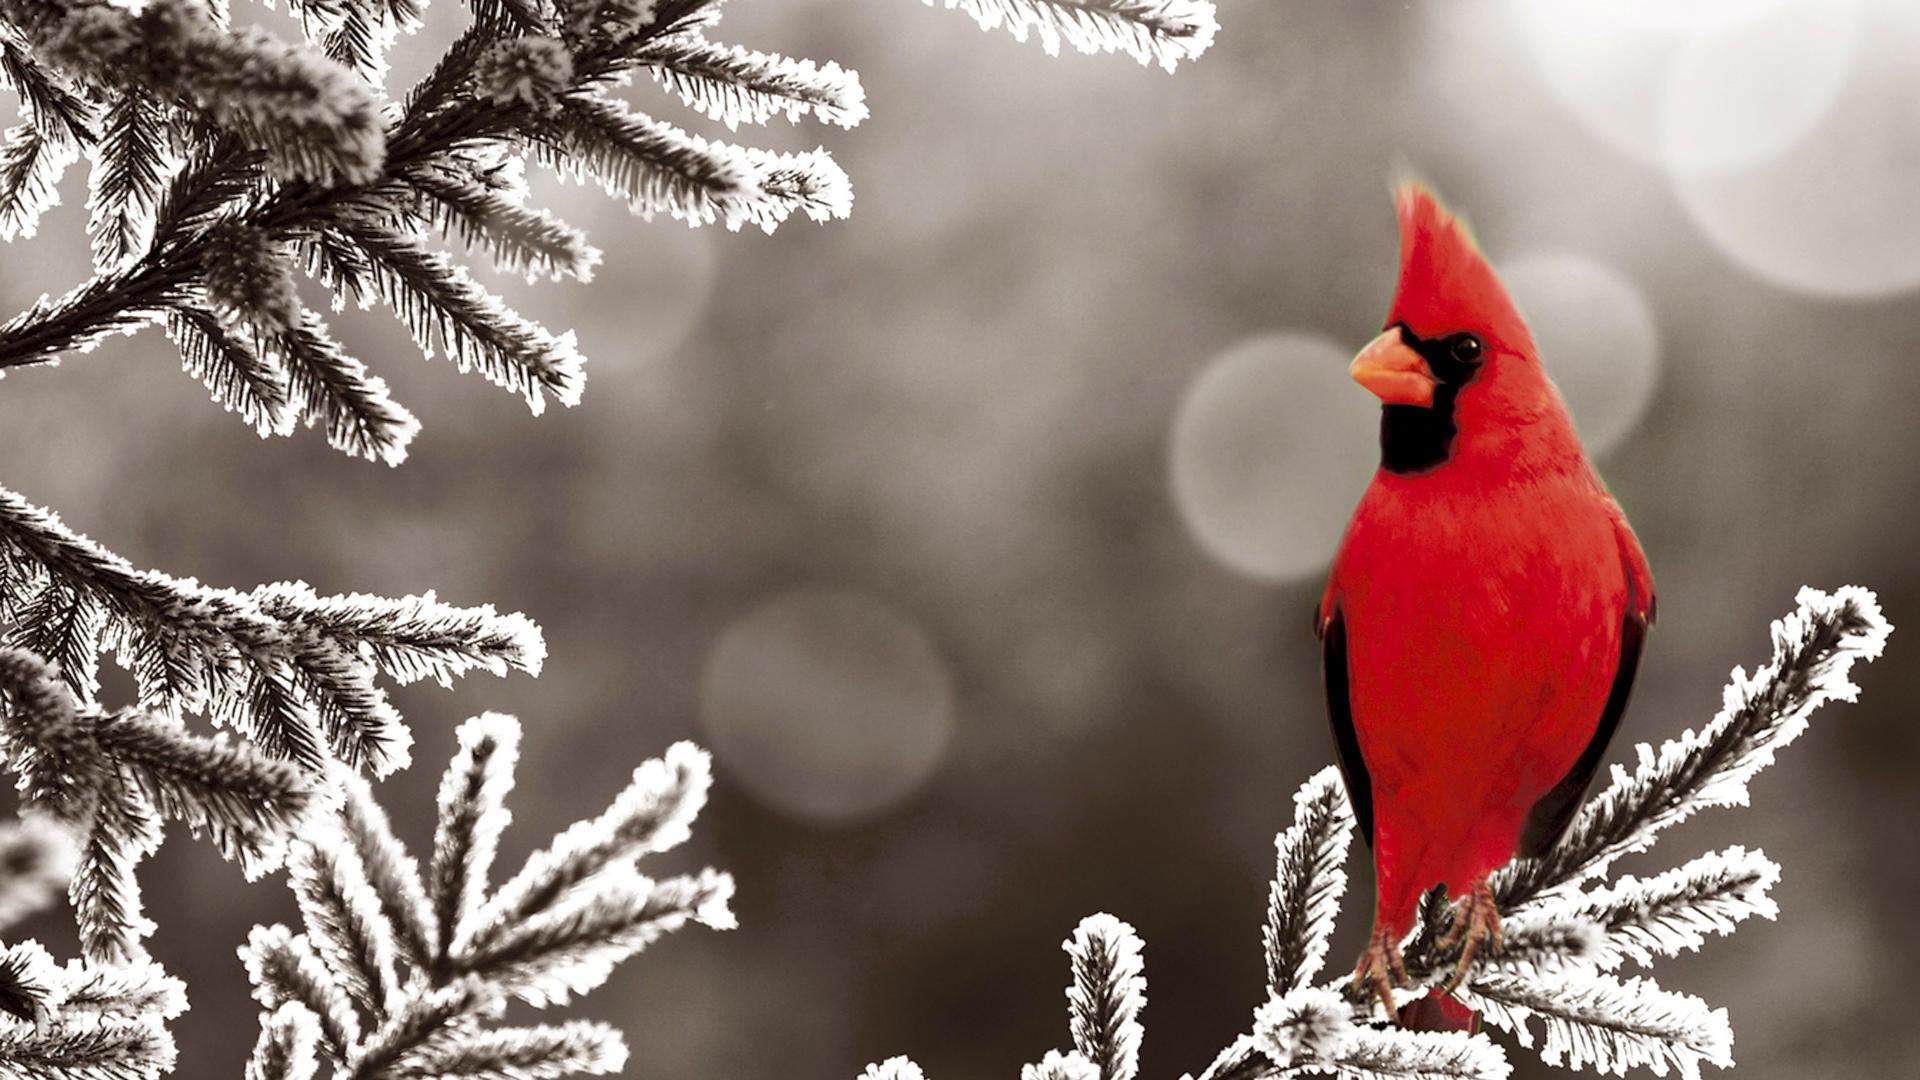 Northern Cardinal Bird Frozen Branch Desktop Wallpaper 1920x1080